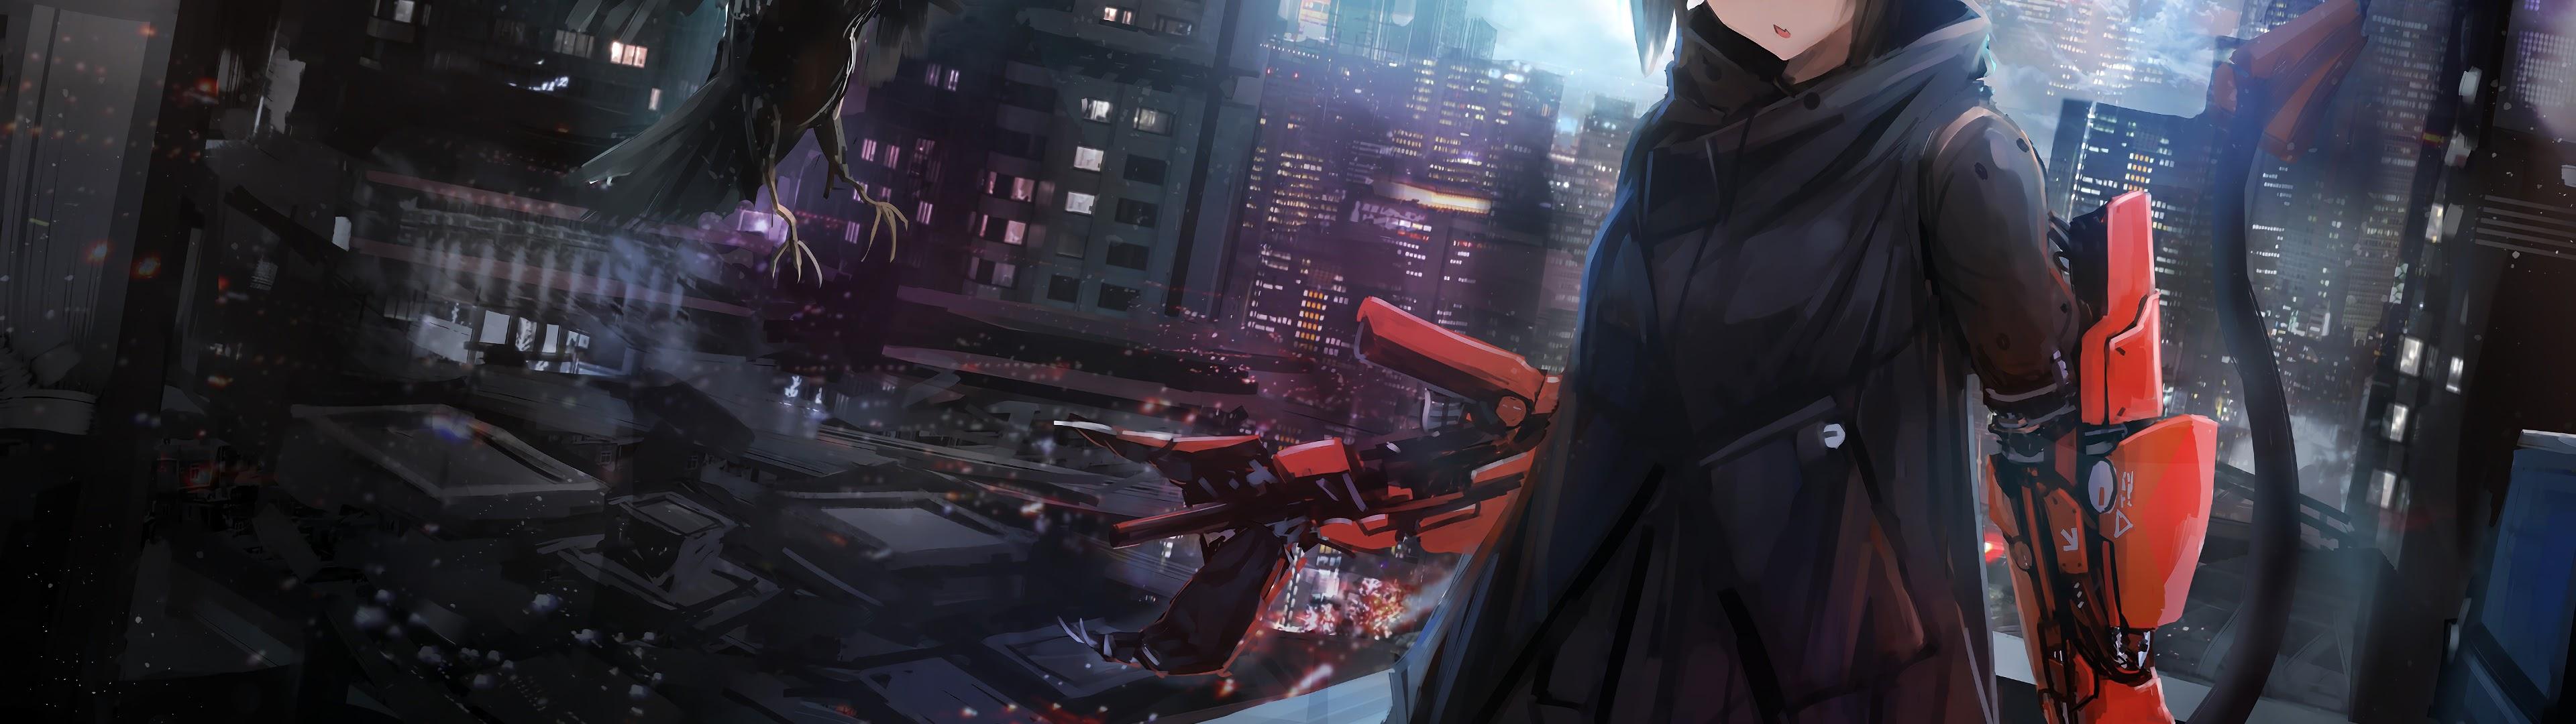 Dual Full Hd Sci Fi Anime Girl 1832422 Hd Wallpaper